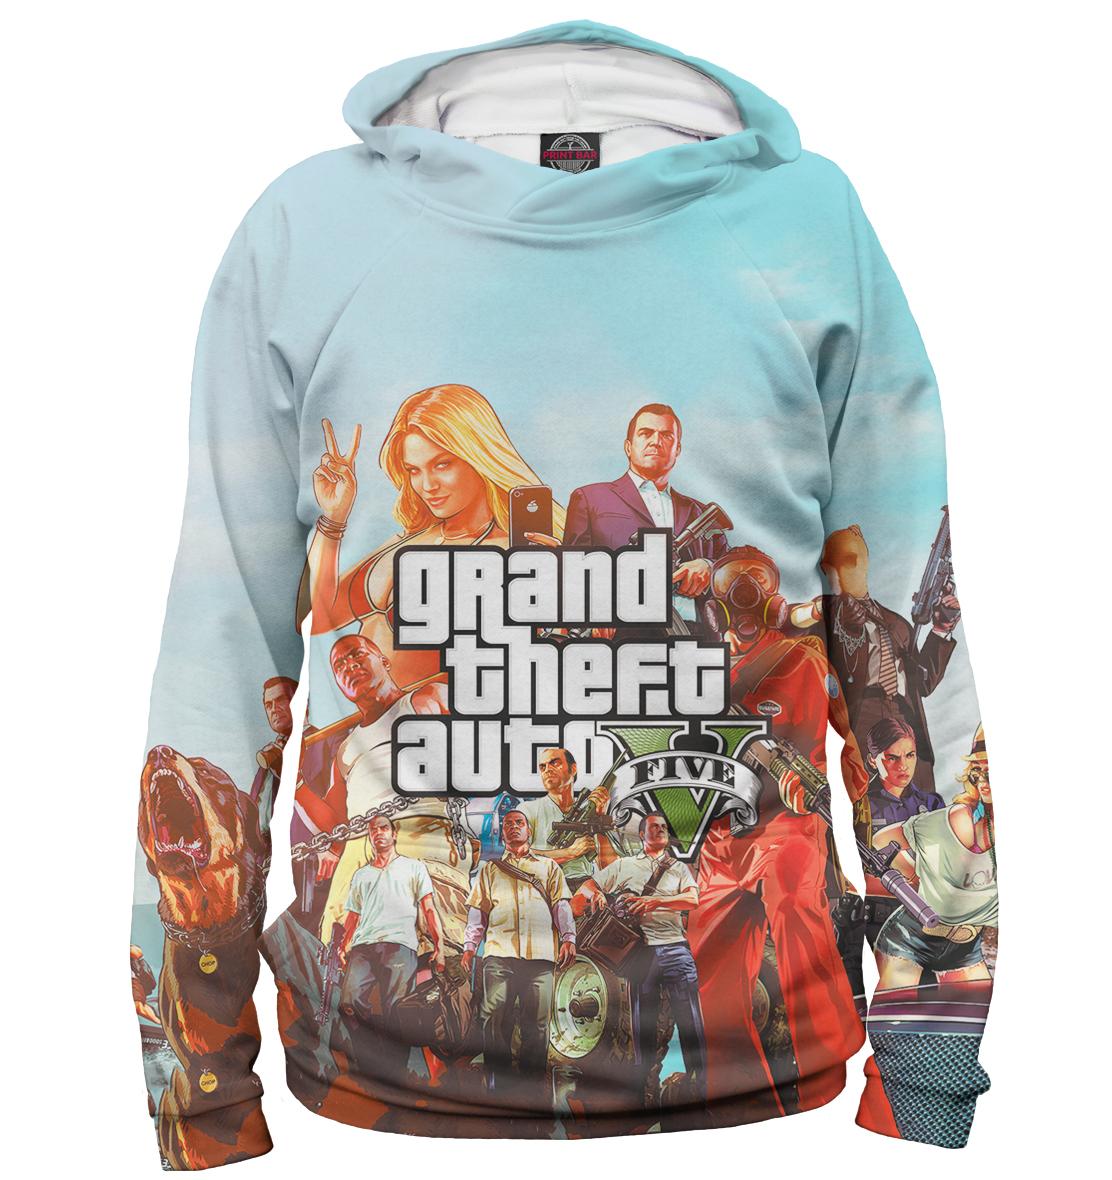 Купить Grand Theft Auto V, Printbar, Худи, ROC-535016-hud-2